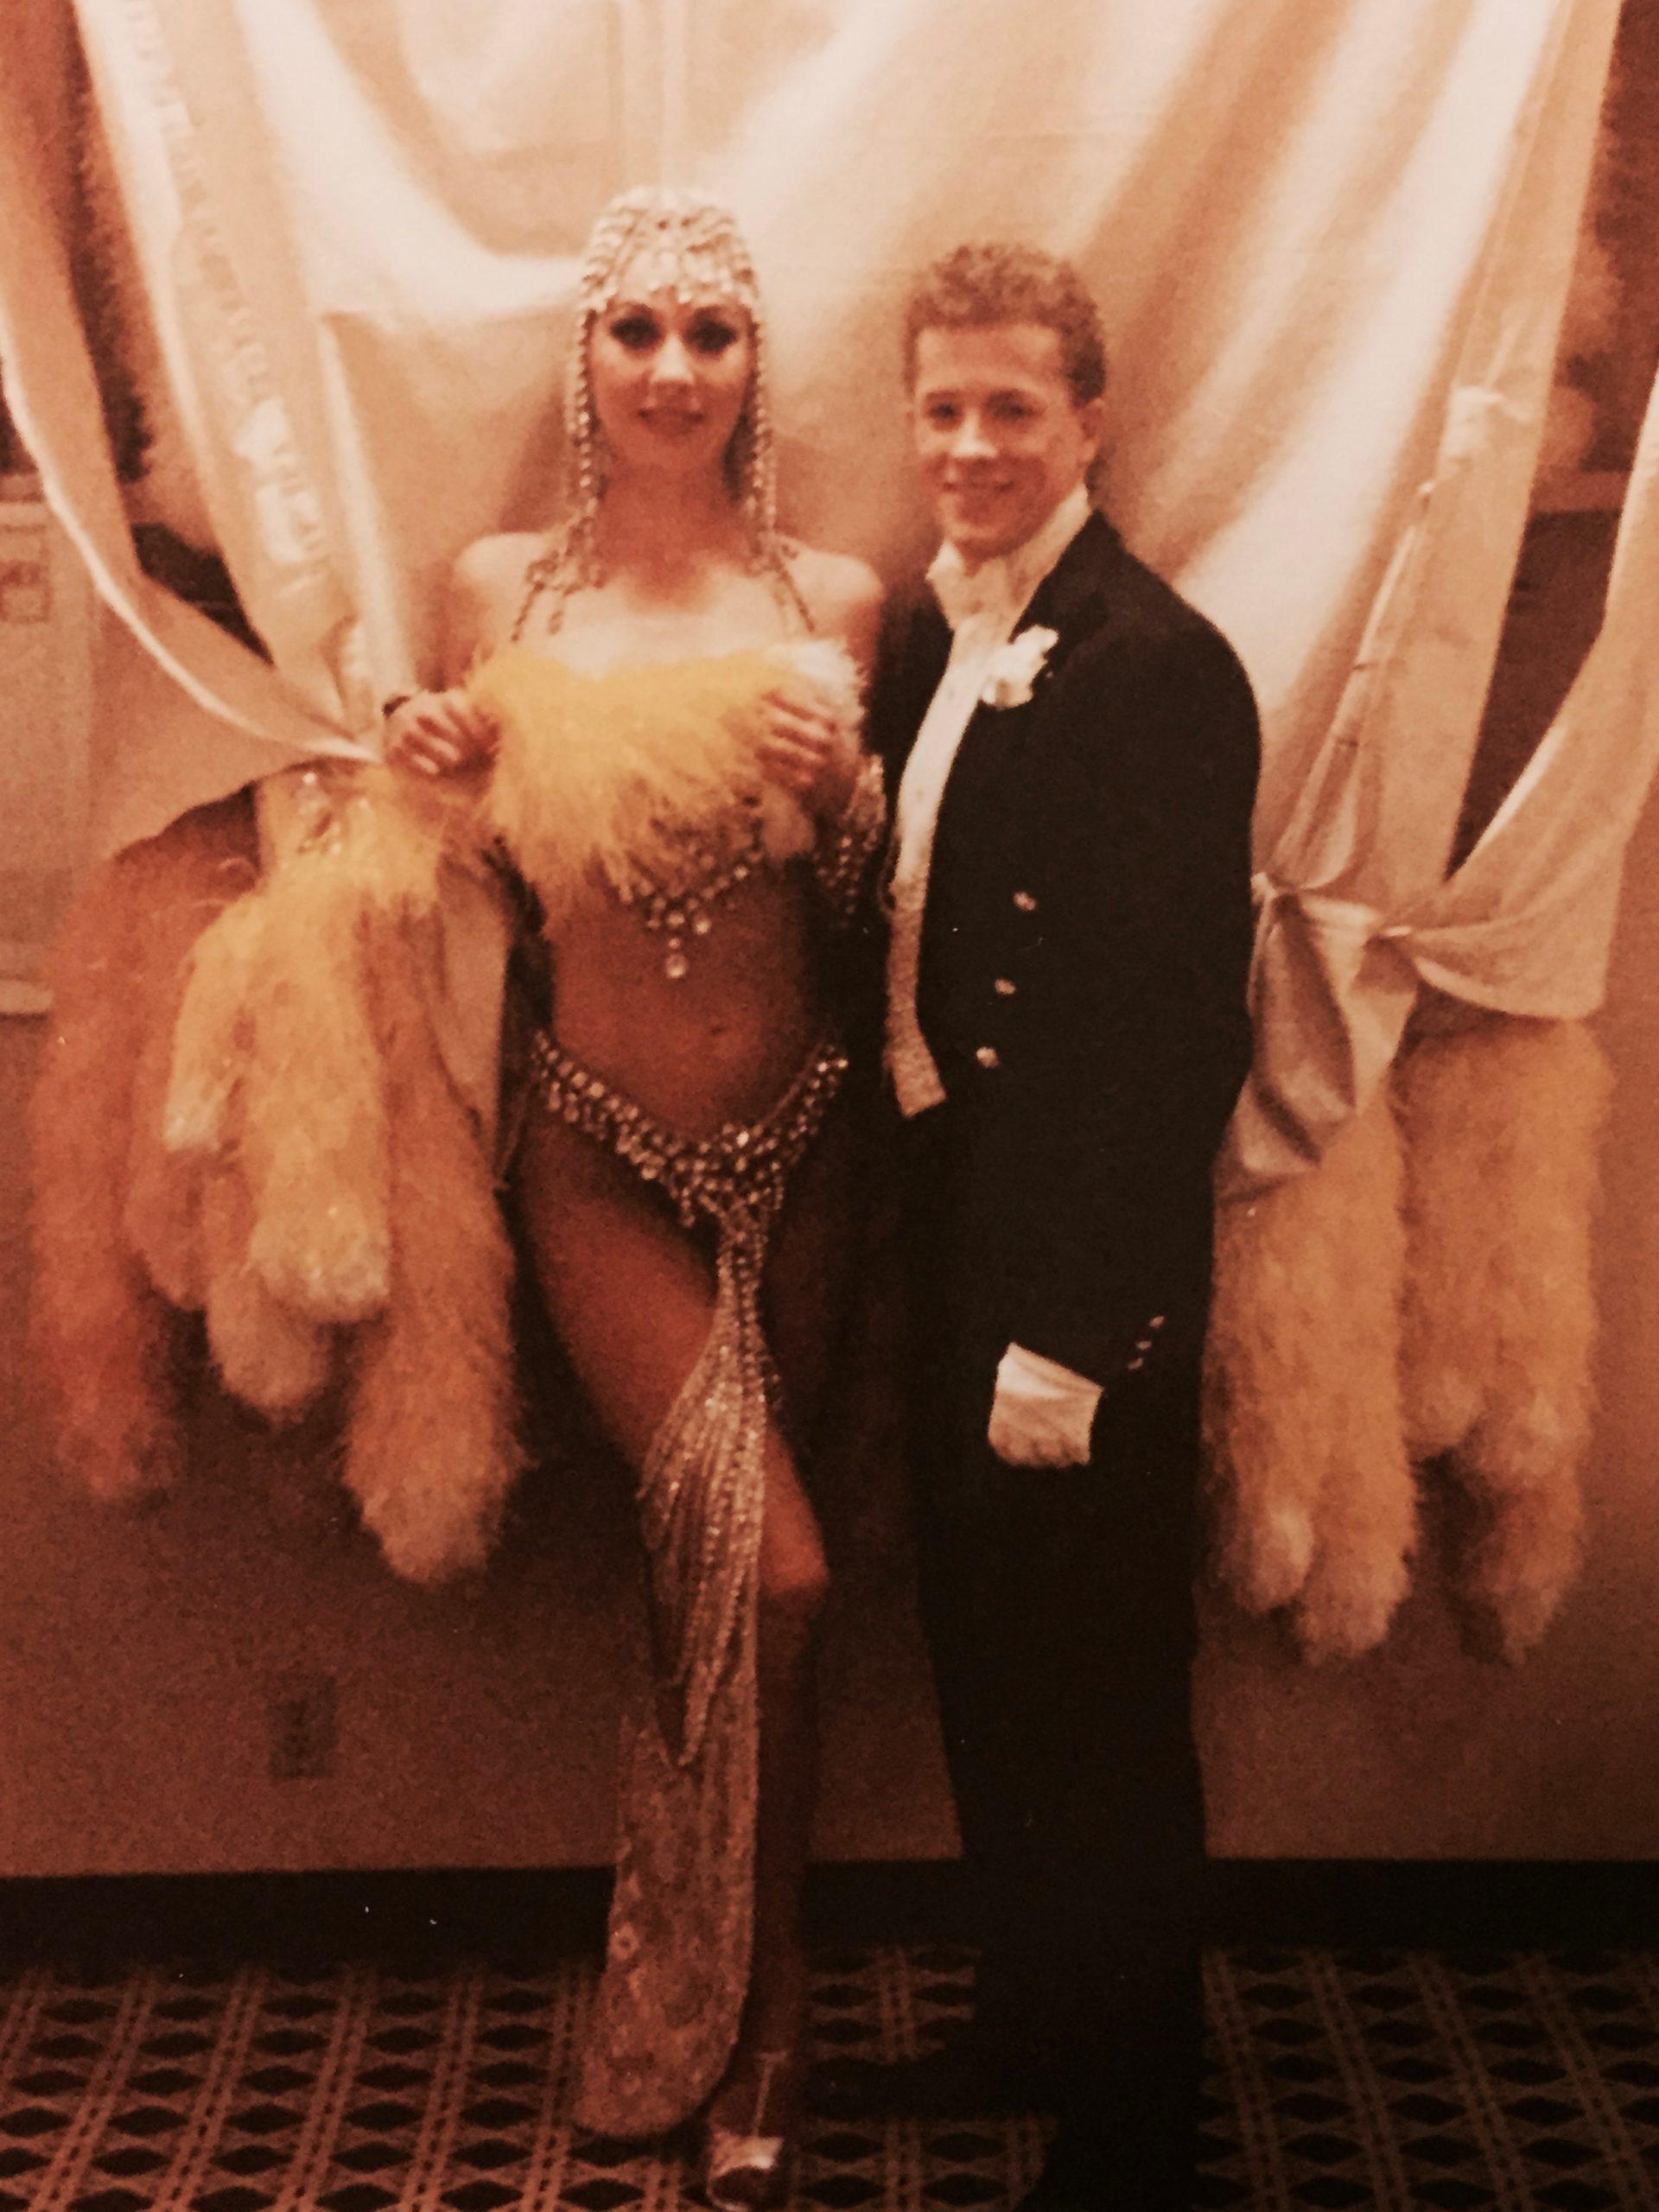 Las Vegas Showgirls in costume